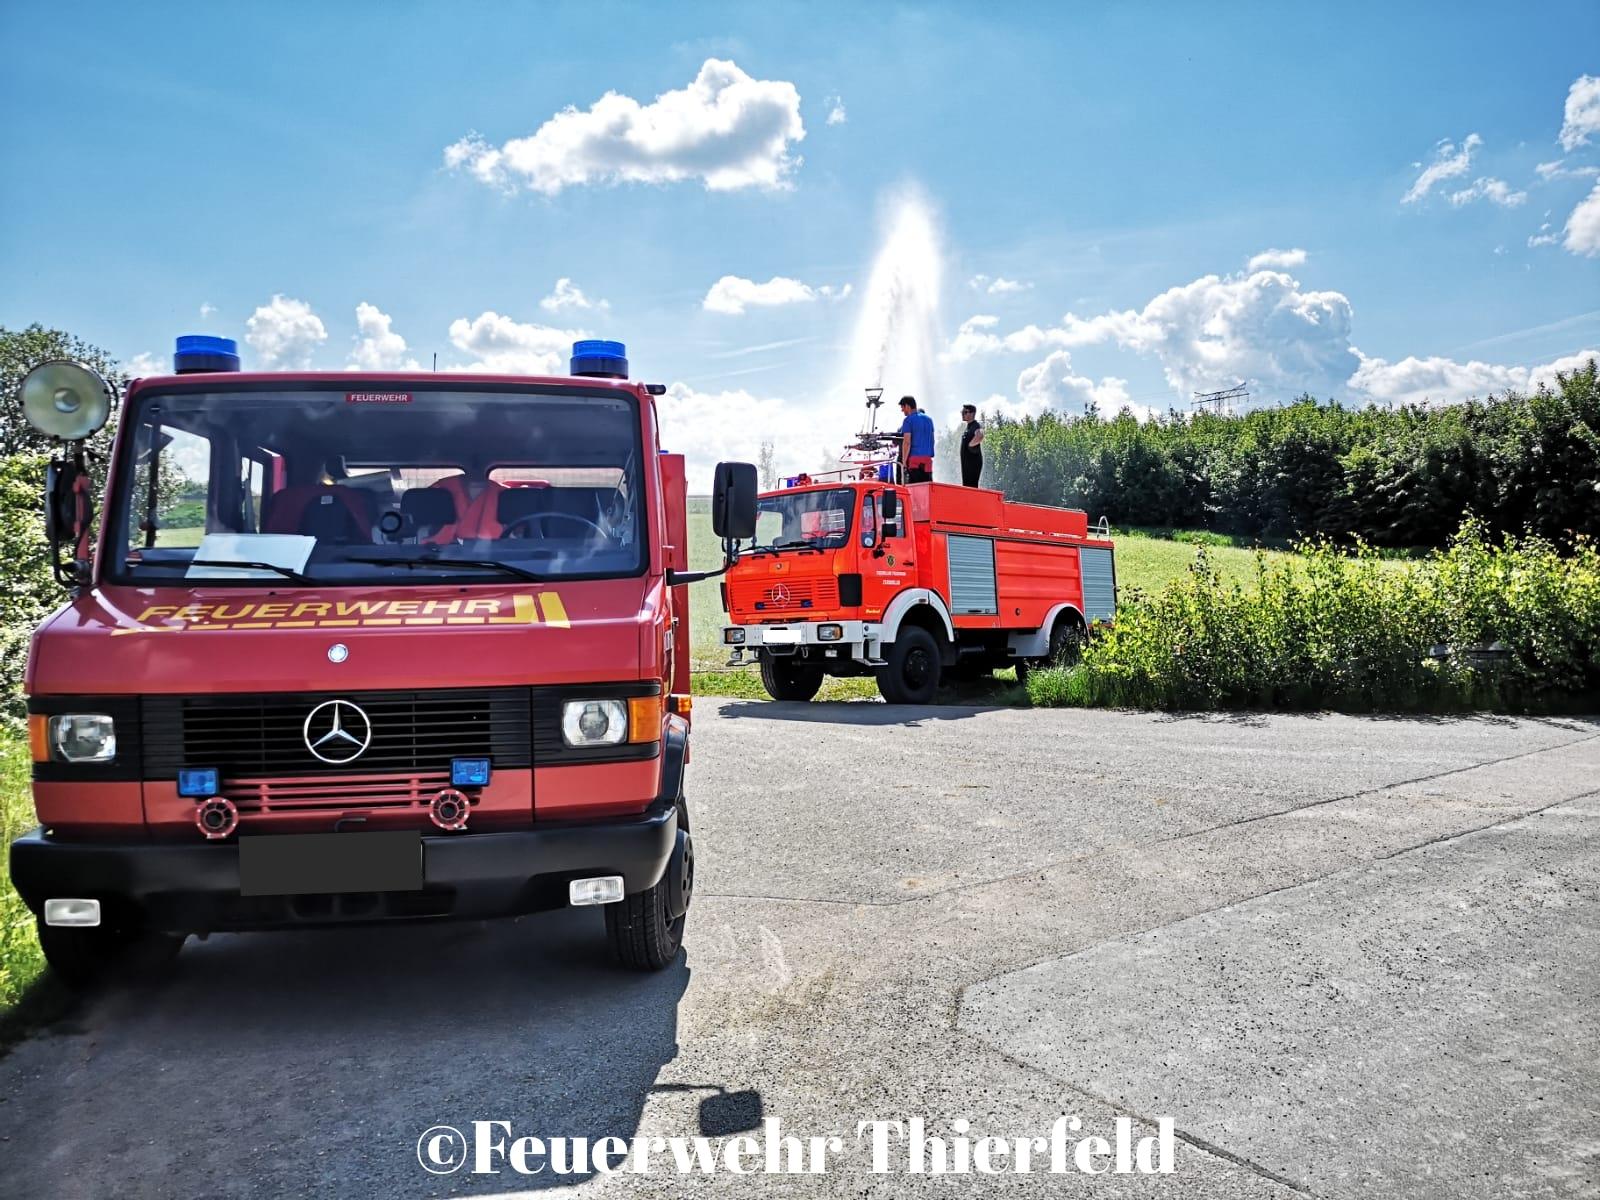 Besuch bei der Jugendfeuerwehr Thierfeld